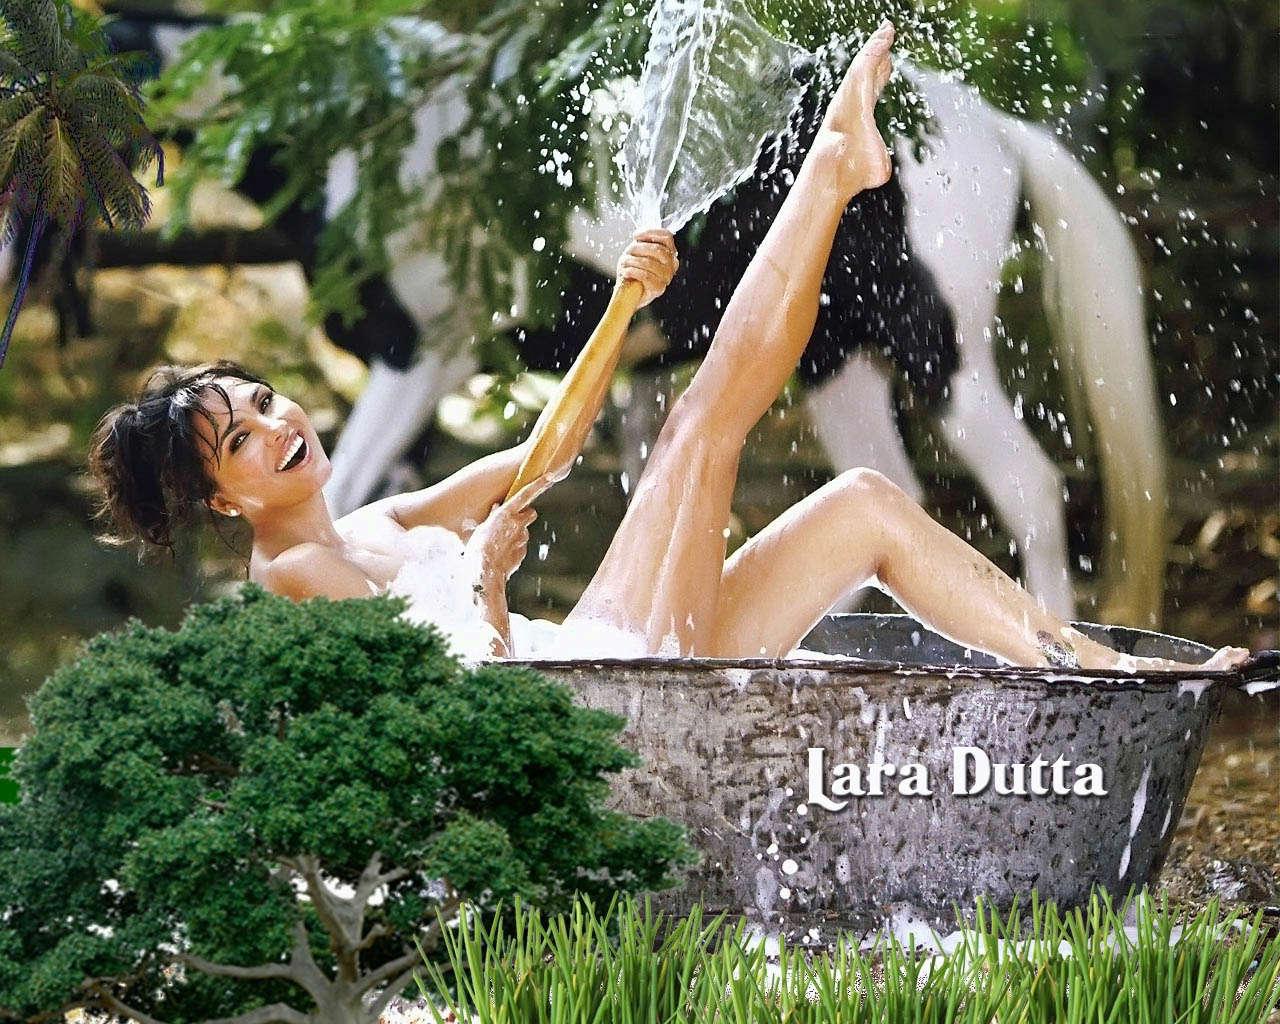 lara dutta, miss universe 2000. - Página 4 Lara-d24